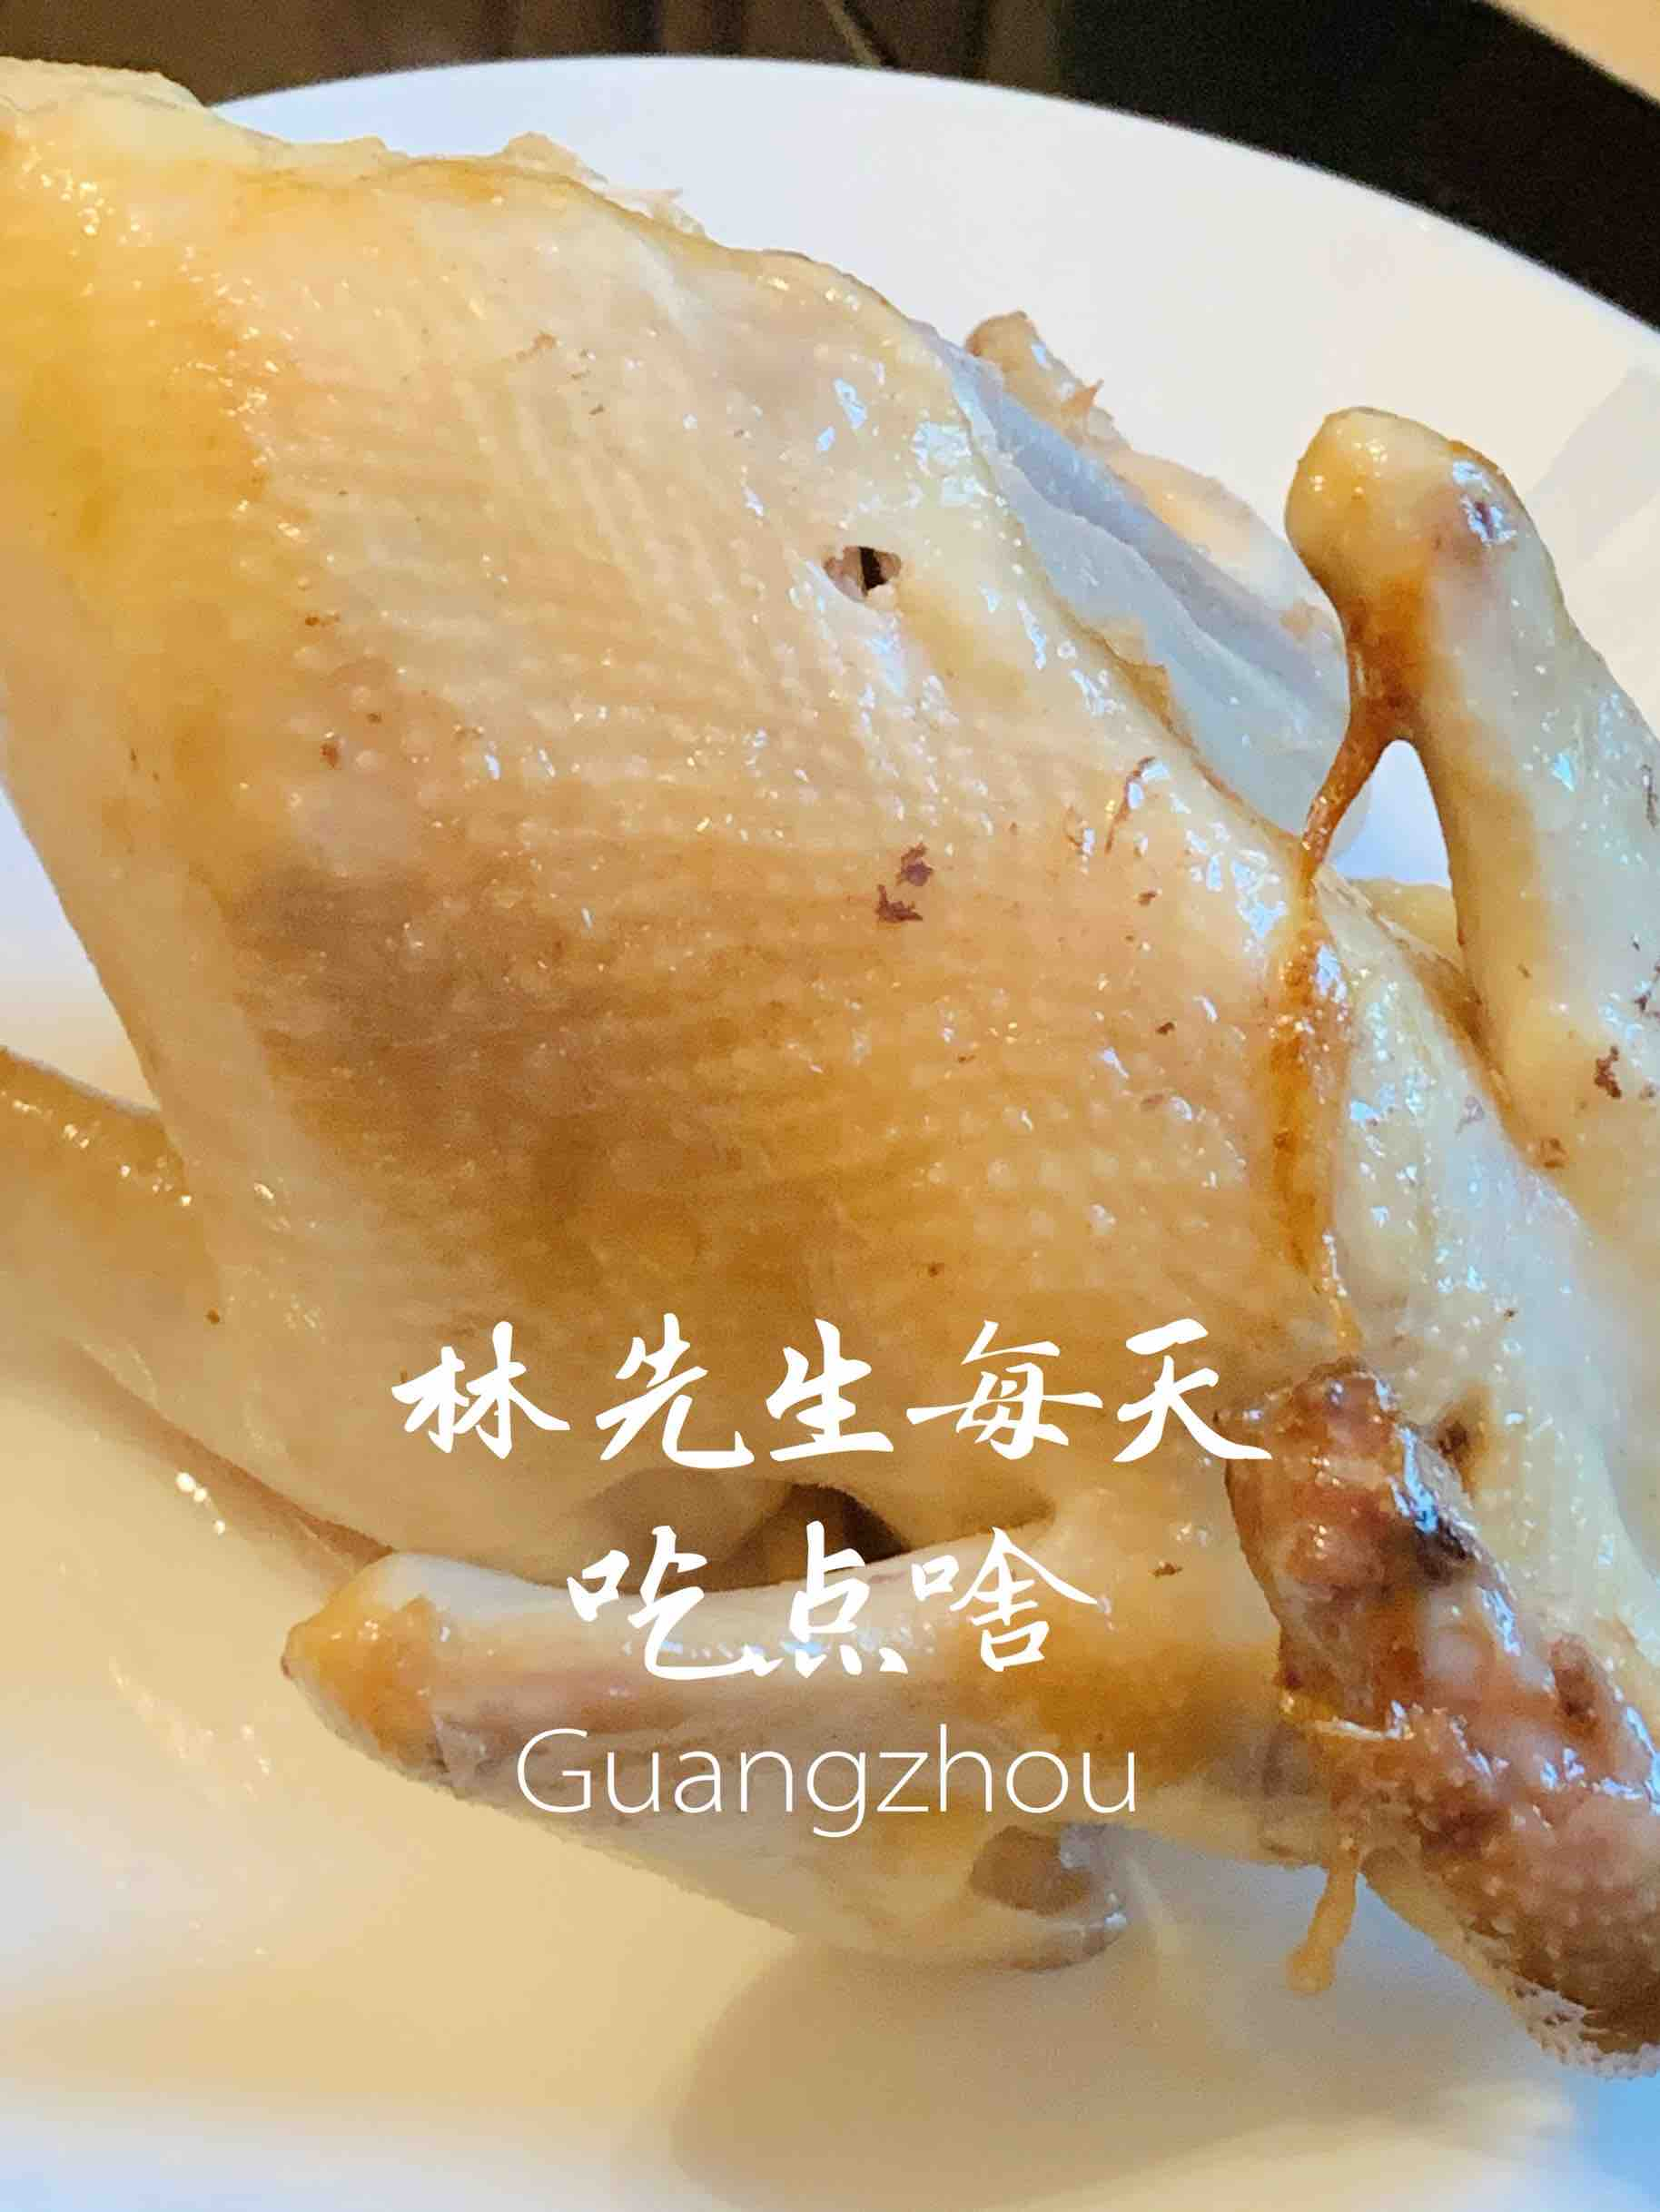 懒人系列-电饭煲盐�h鸡